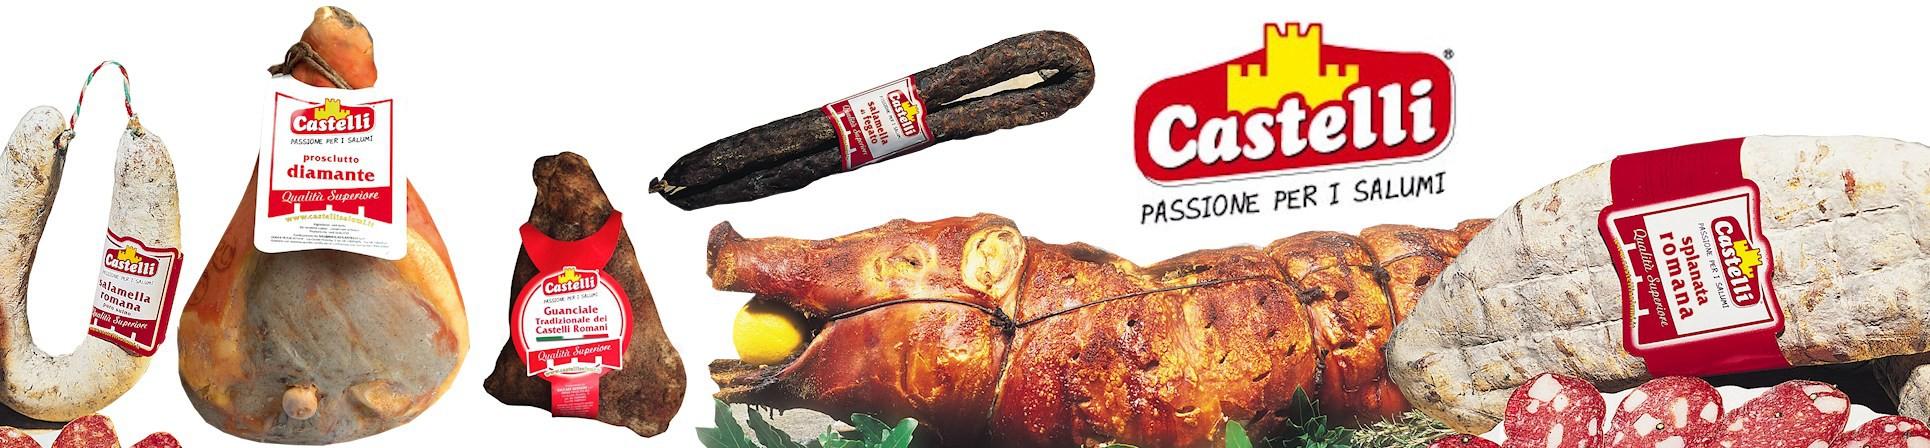 B2B GUSTOX - il Marketplace all'ingrosso delle eccellenze agroalimetari italiane - CASTELLI SALUMI